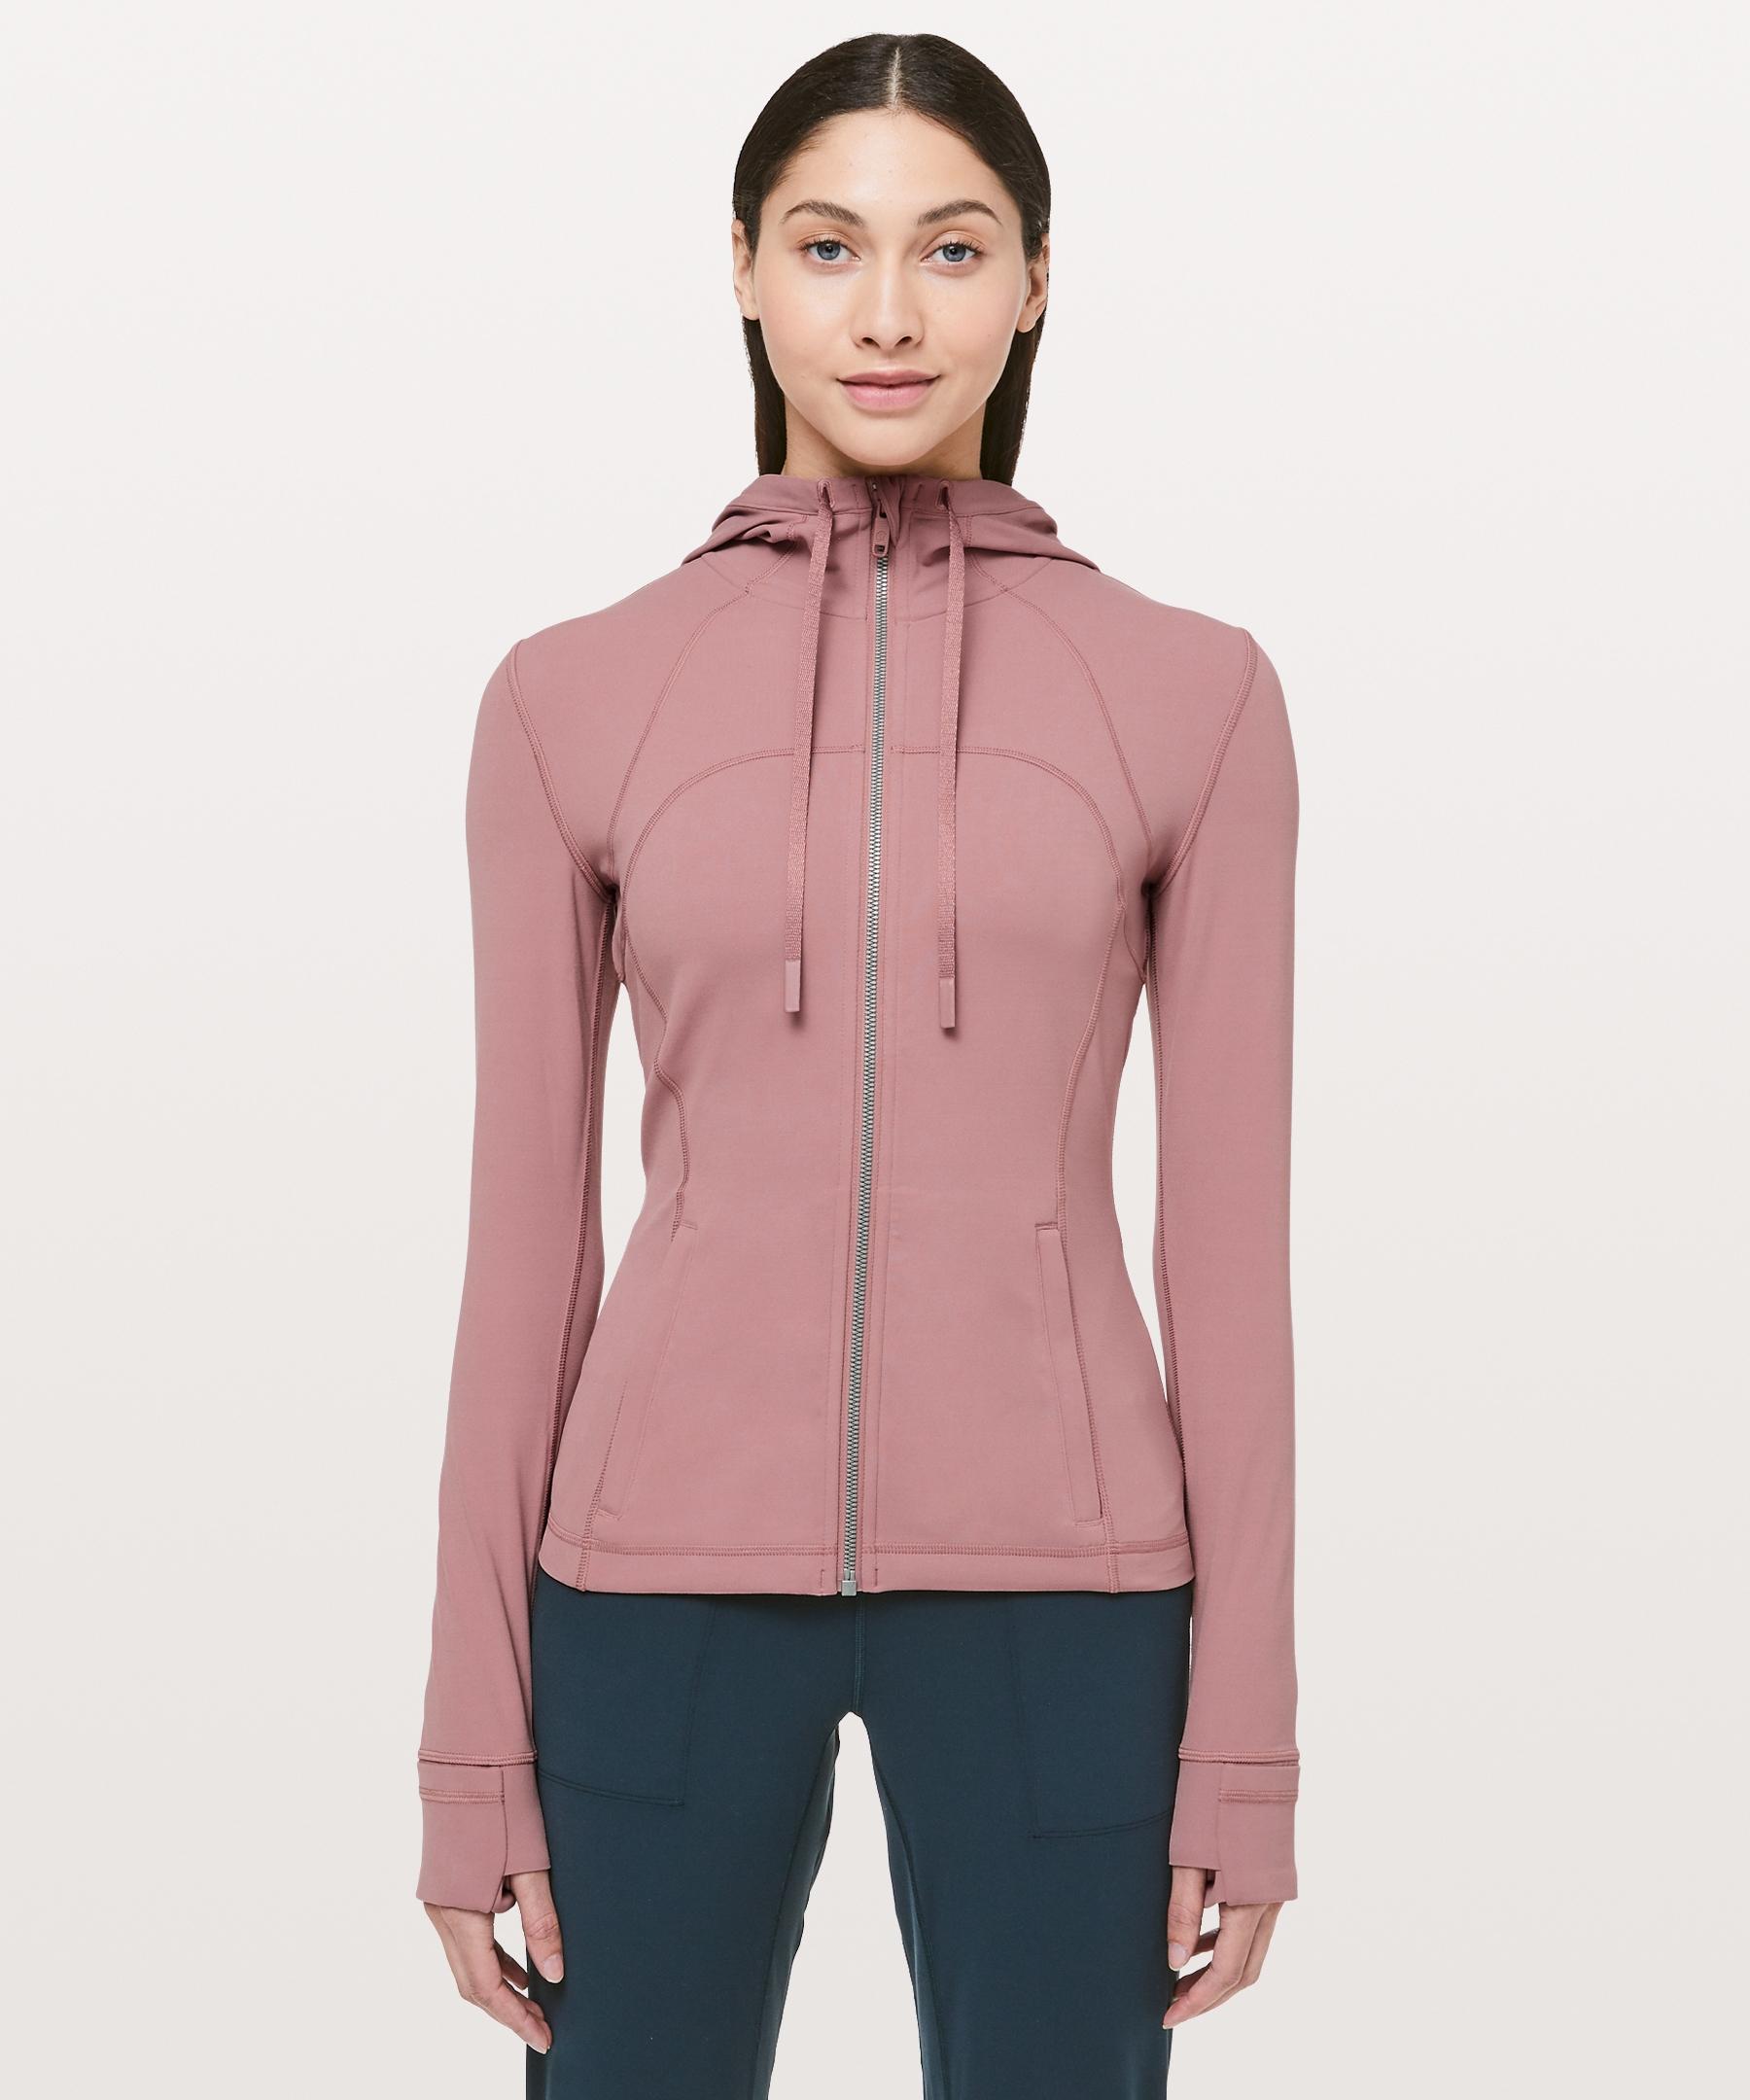 Hooded Define Jacket Nulu Women S Jackets Outerwear Lululemon Jackets For Women Lululemon Define Jacket Outerwear Jackets [ 2160 x 1800 Pixel ]